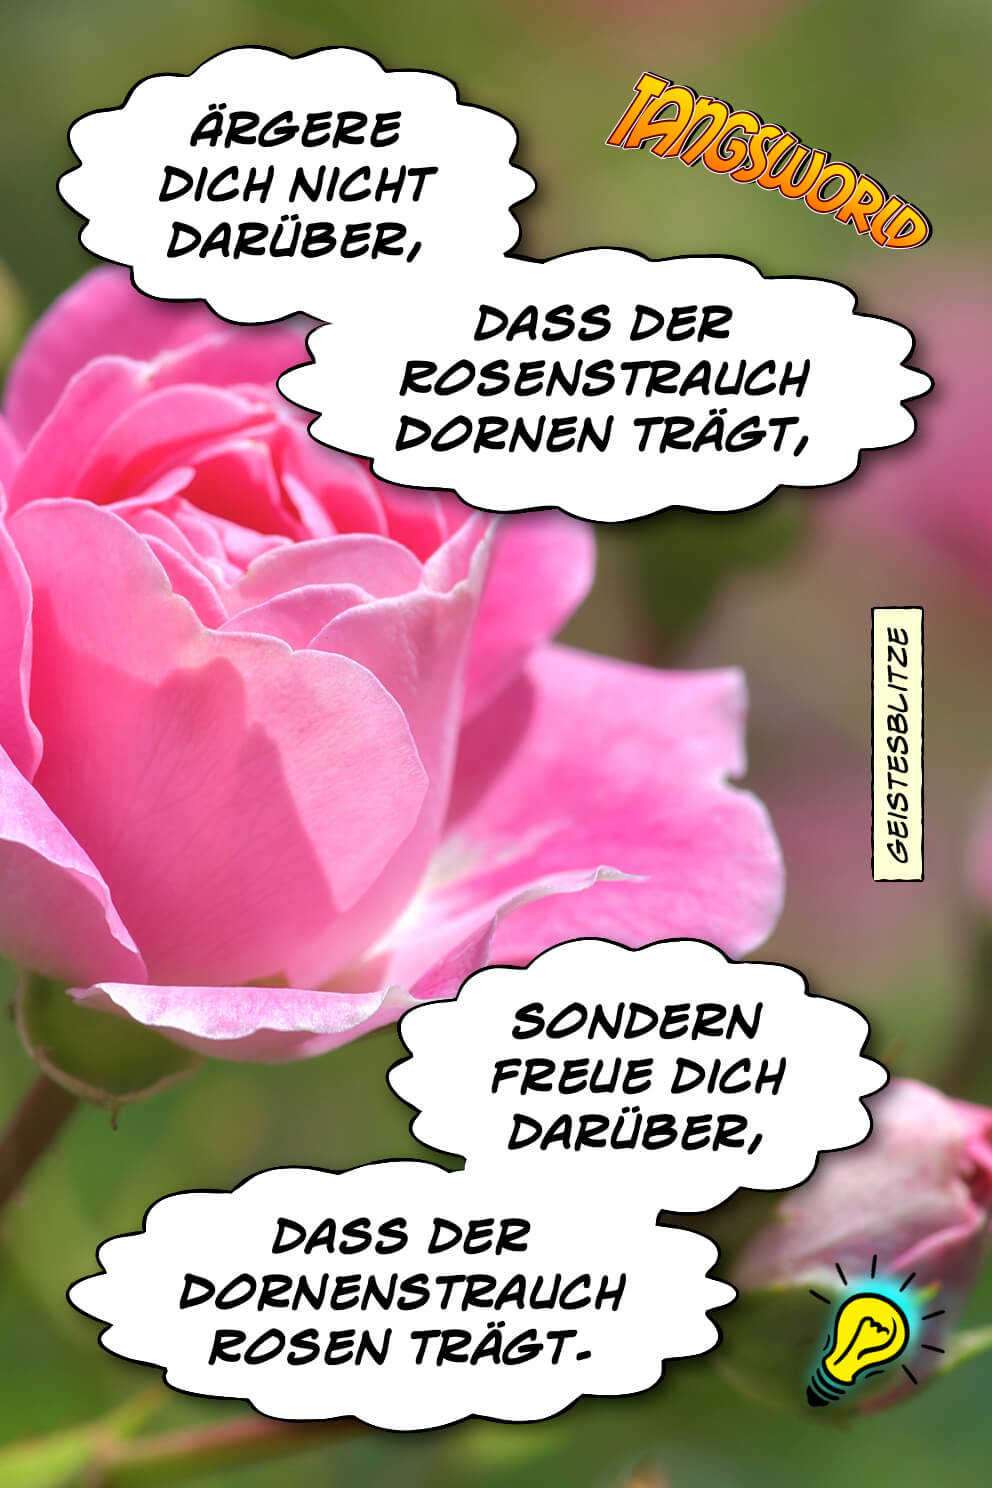 Ärgere dich nicht darüber, dass der Rosenstrauch Dornen trägt, sondern freue dich darüber, dass der Dornenstrauch Rosen trägt. - Geistesblitze